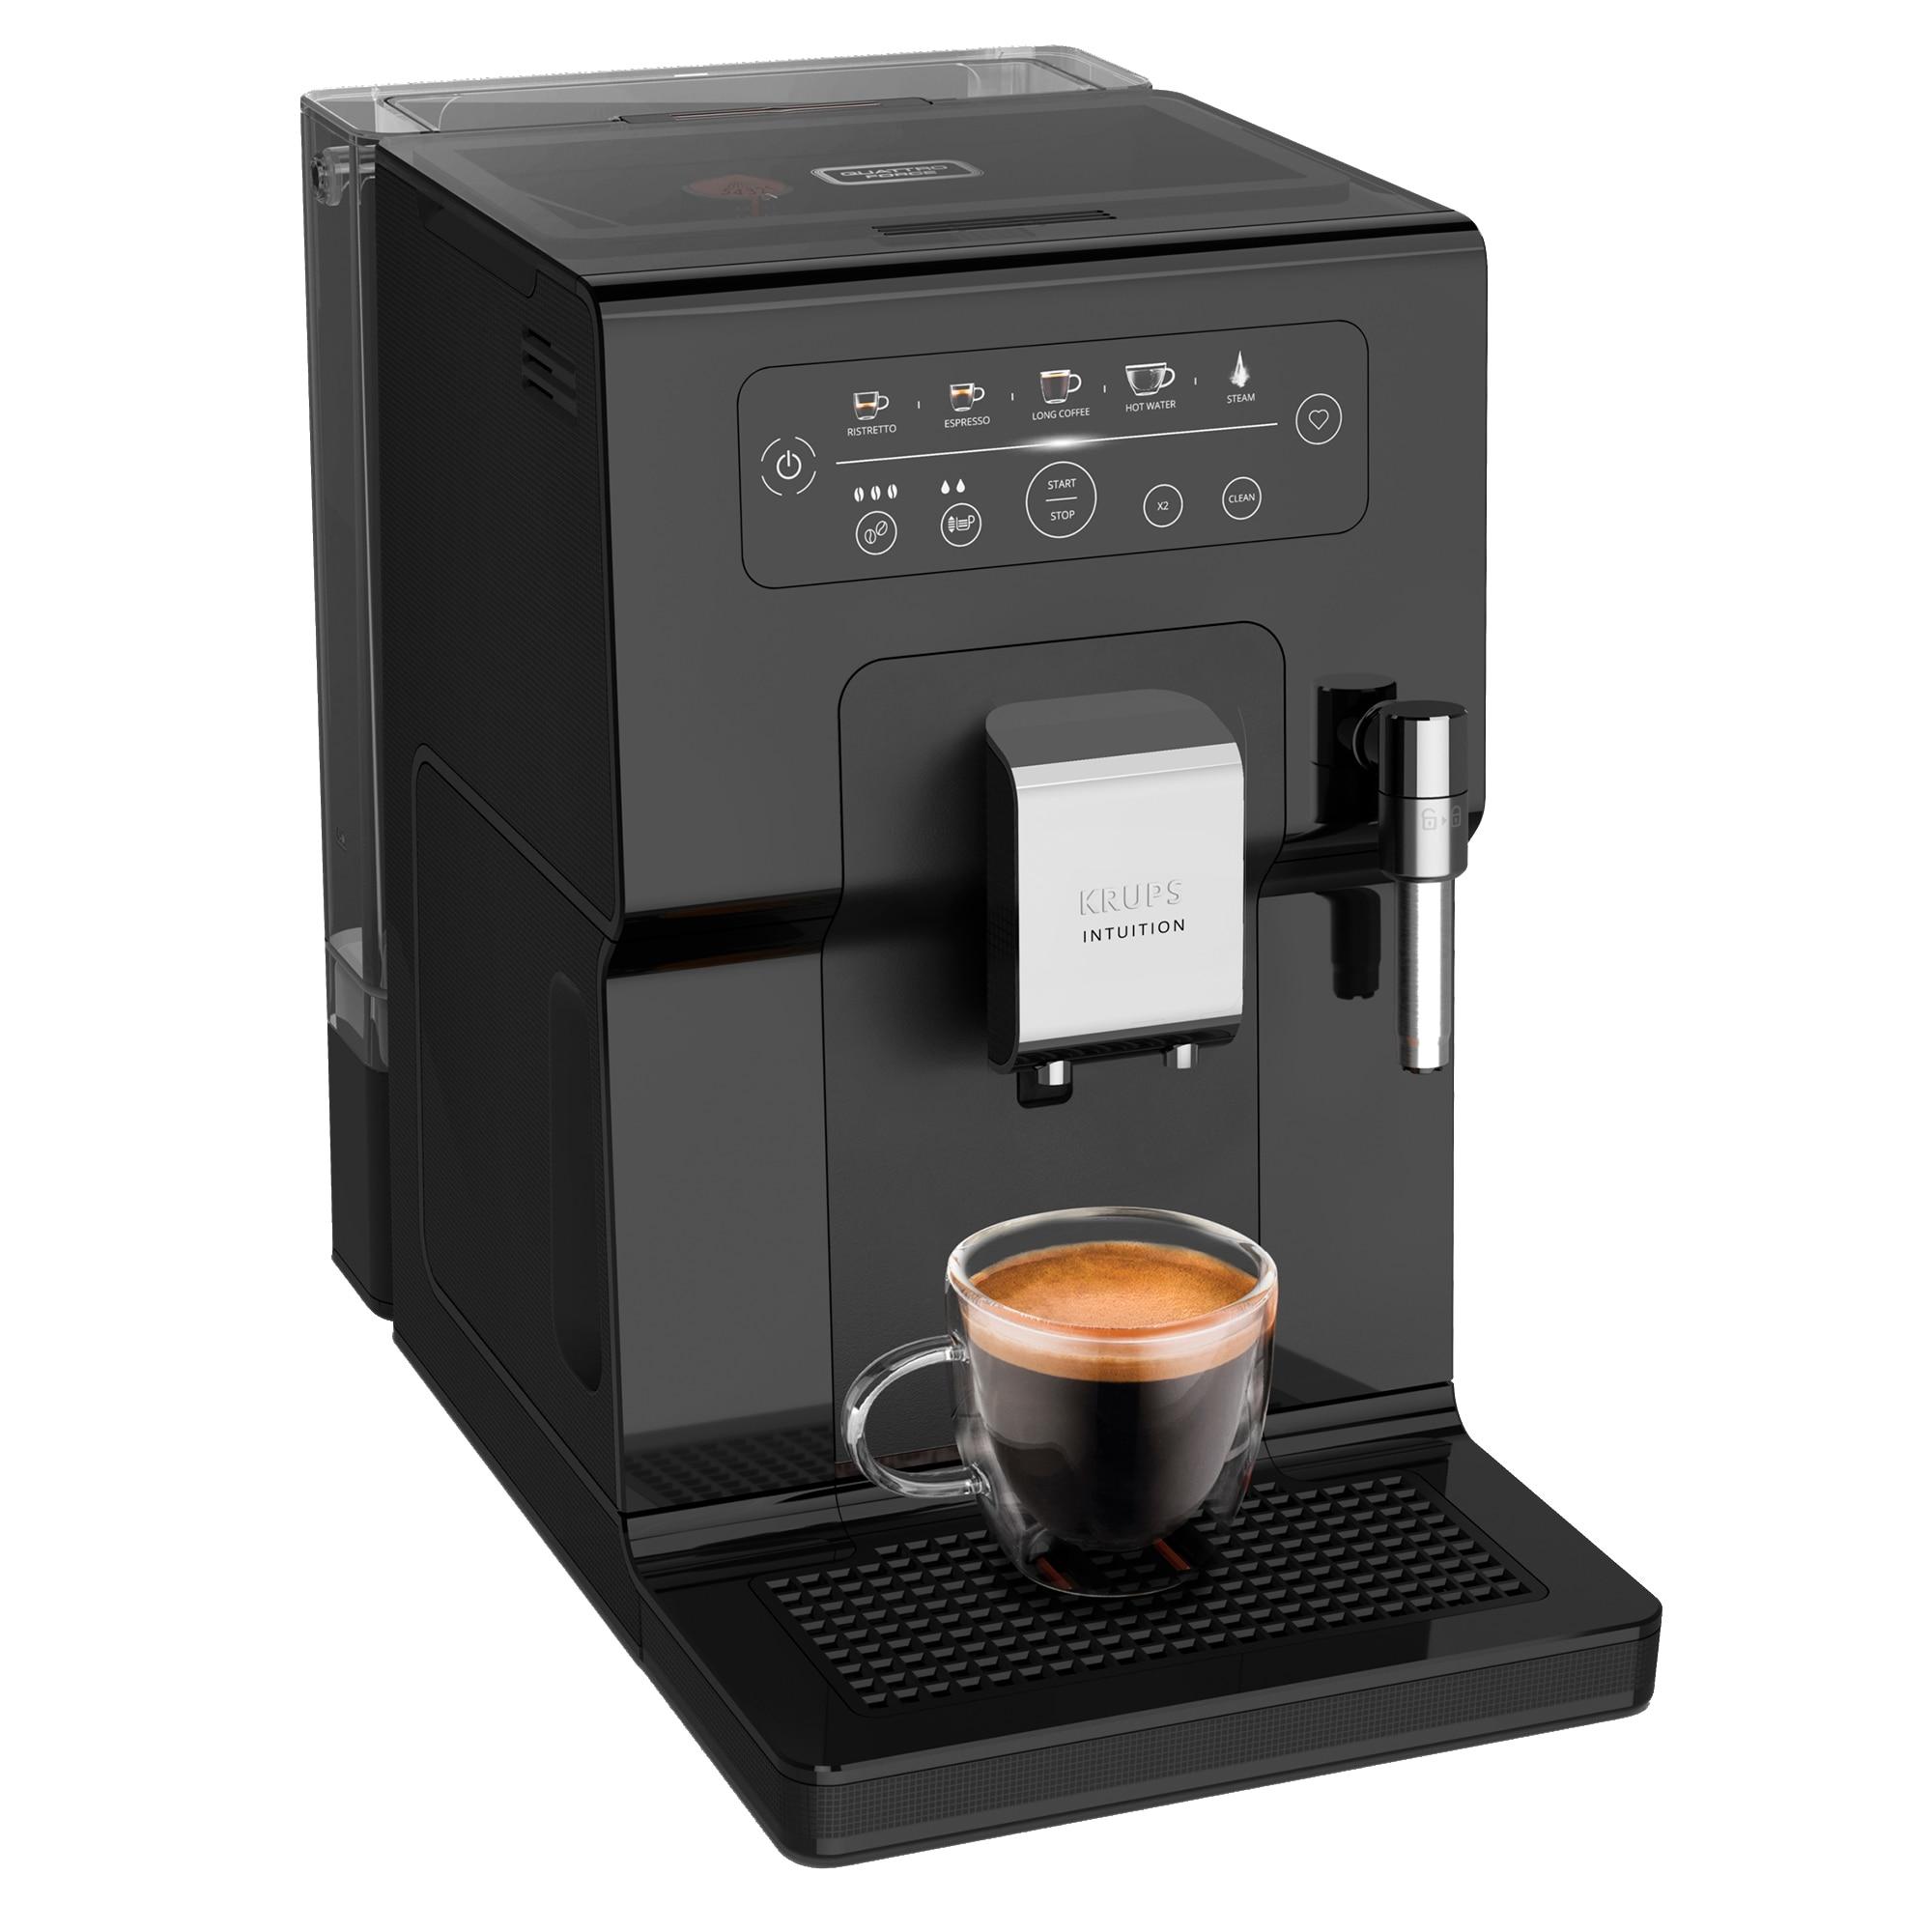 Fotografie Espressor automat KRUPS Intuition EA870810, 15 bari, indicatori luminosi, tehnologie Quattro Force, 3 pre-setari intensitate, functie spumare lapte, functie memorare favorite, negru